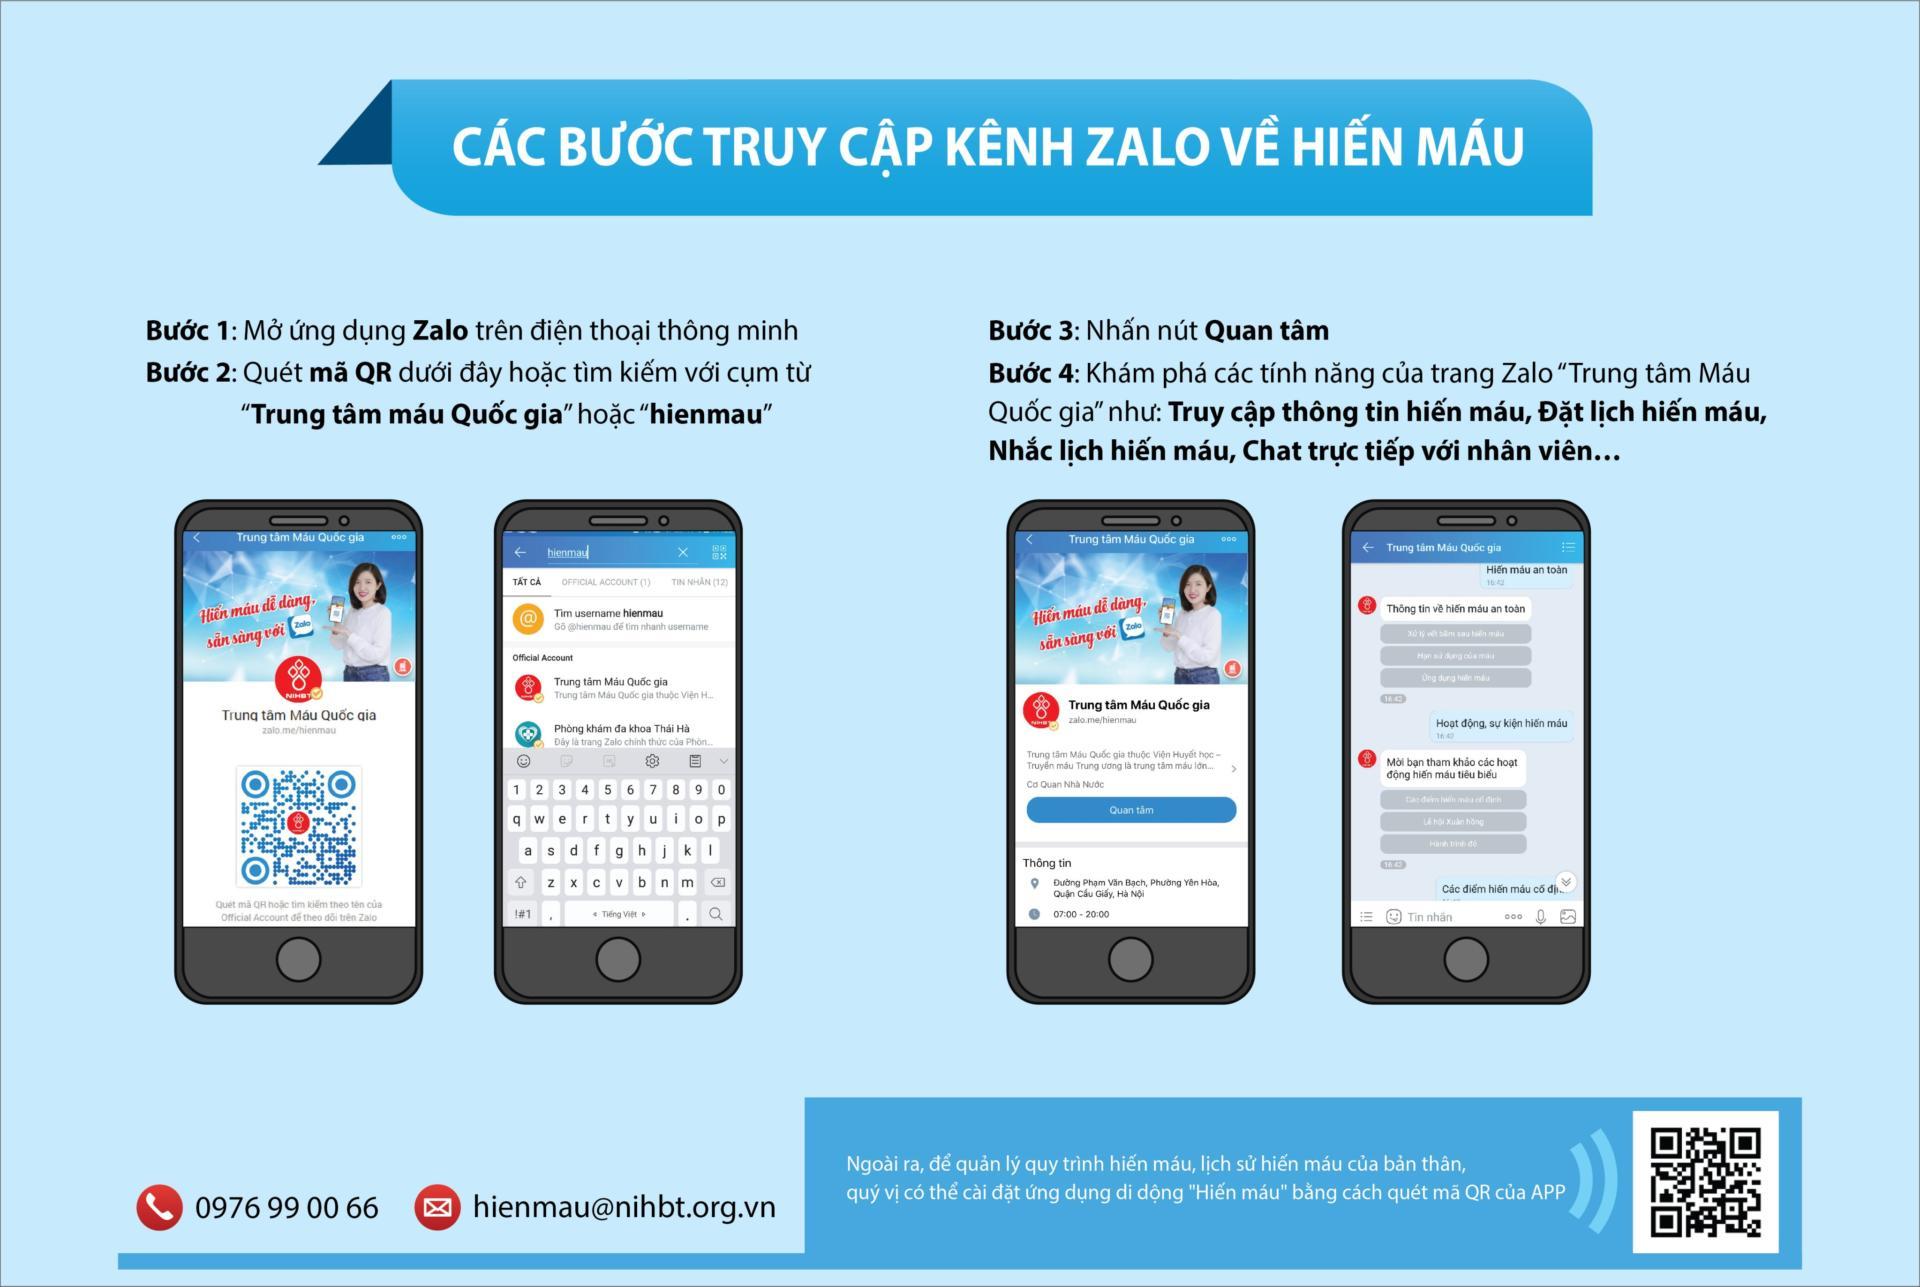 Zalo triển khai ứng dụng CNTT trong hoạt động hiến máu tình nguyện